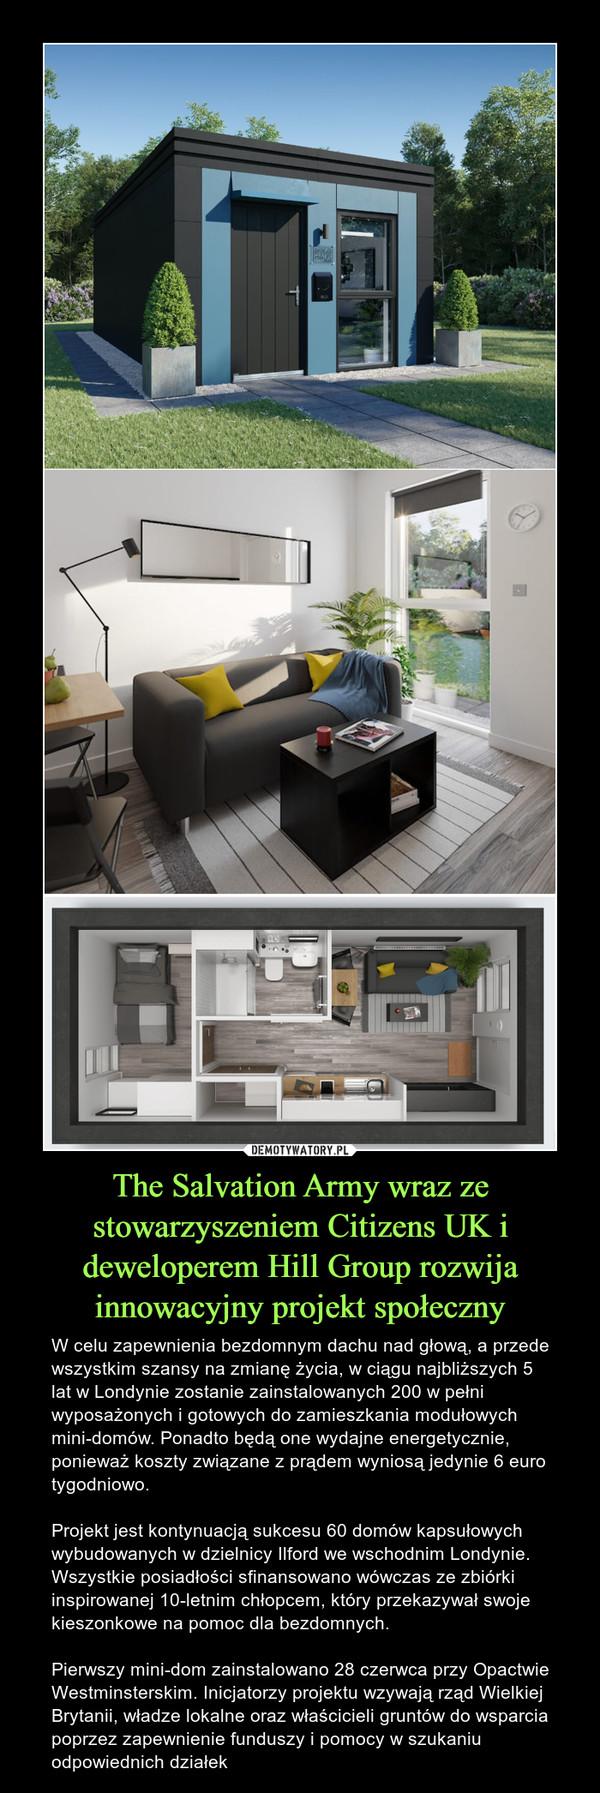 The Salvation Army wraz ze stowarzyszeniem Citizens UK i deweloperem Hill Group rozwija innowacyjny projekt społeczny